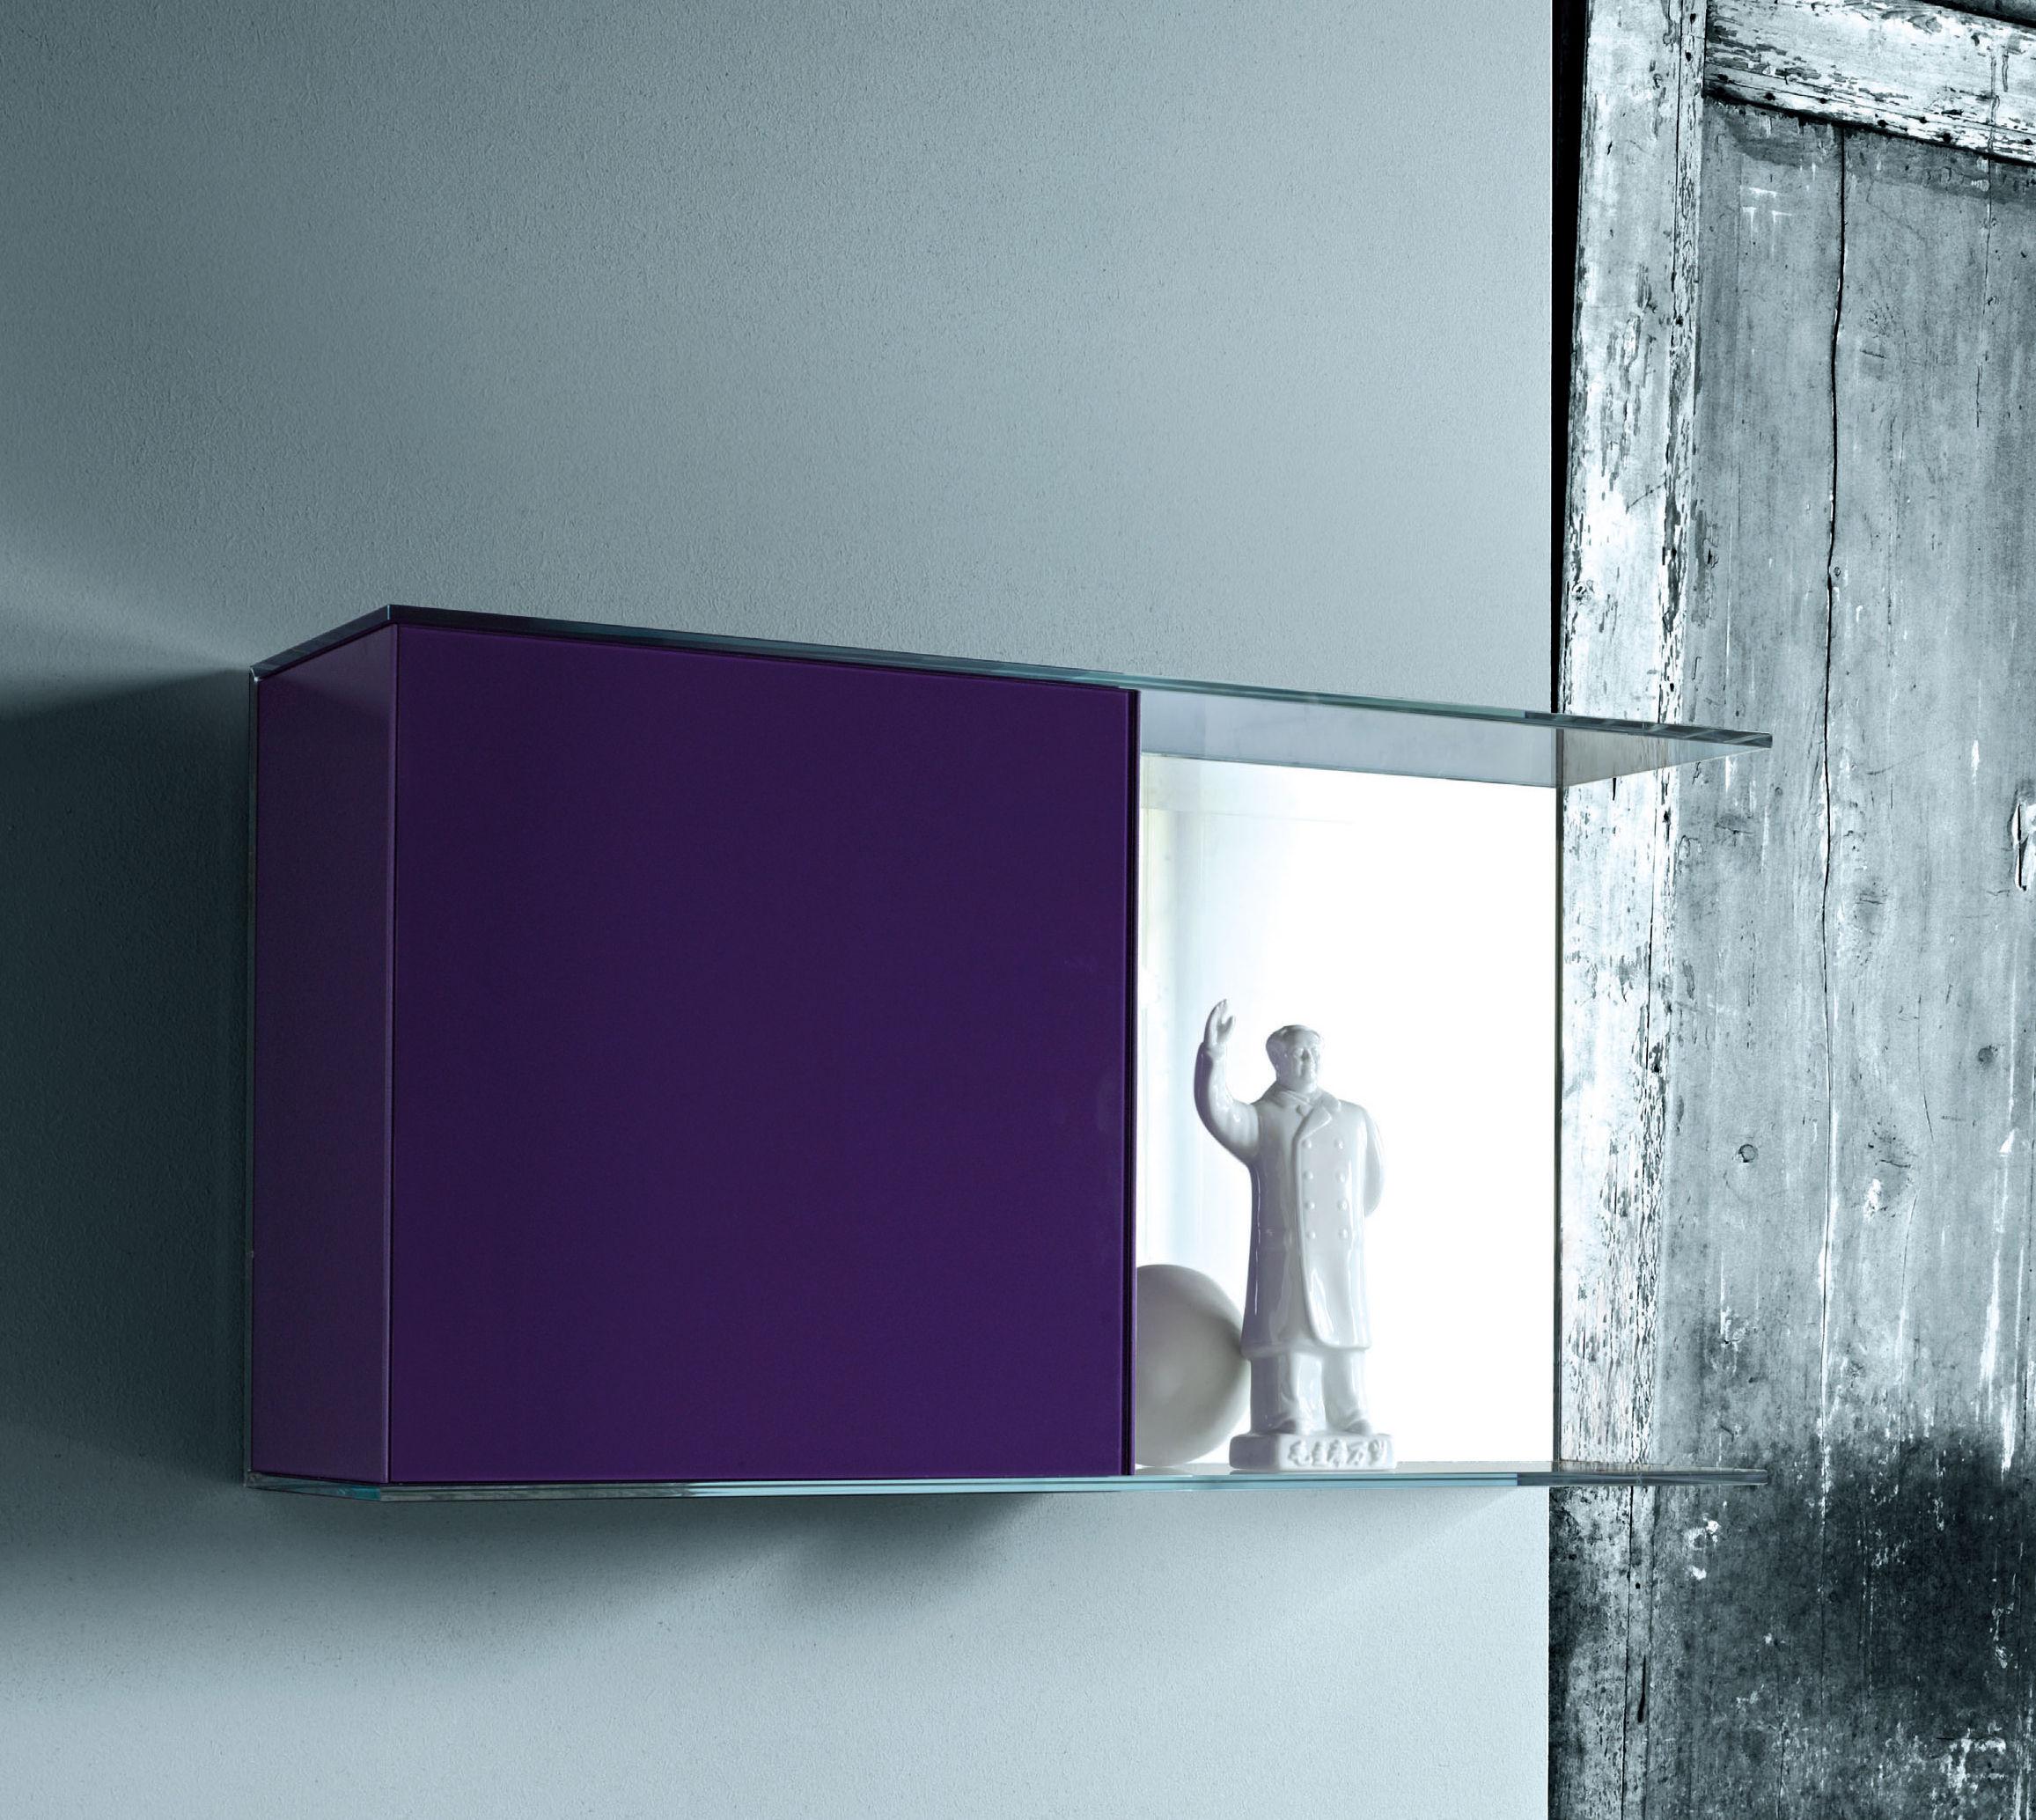 Mobilier - Etagères & bibliothèques - Etagère Float Wall 3 L 95 x H 50 cm - Glas Italia - Violet - Verre